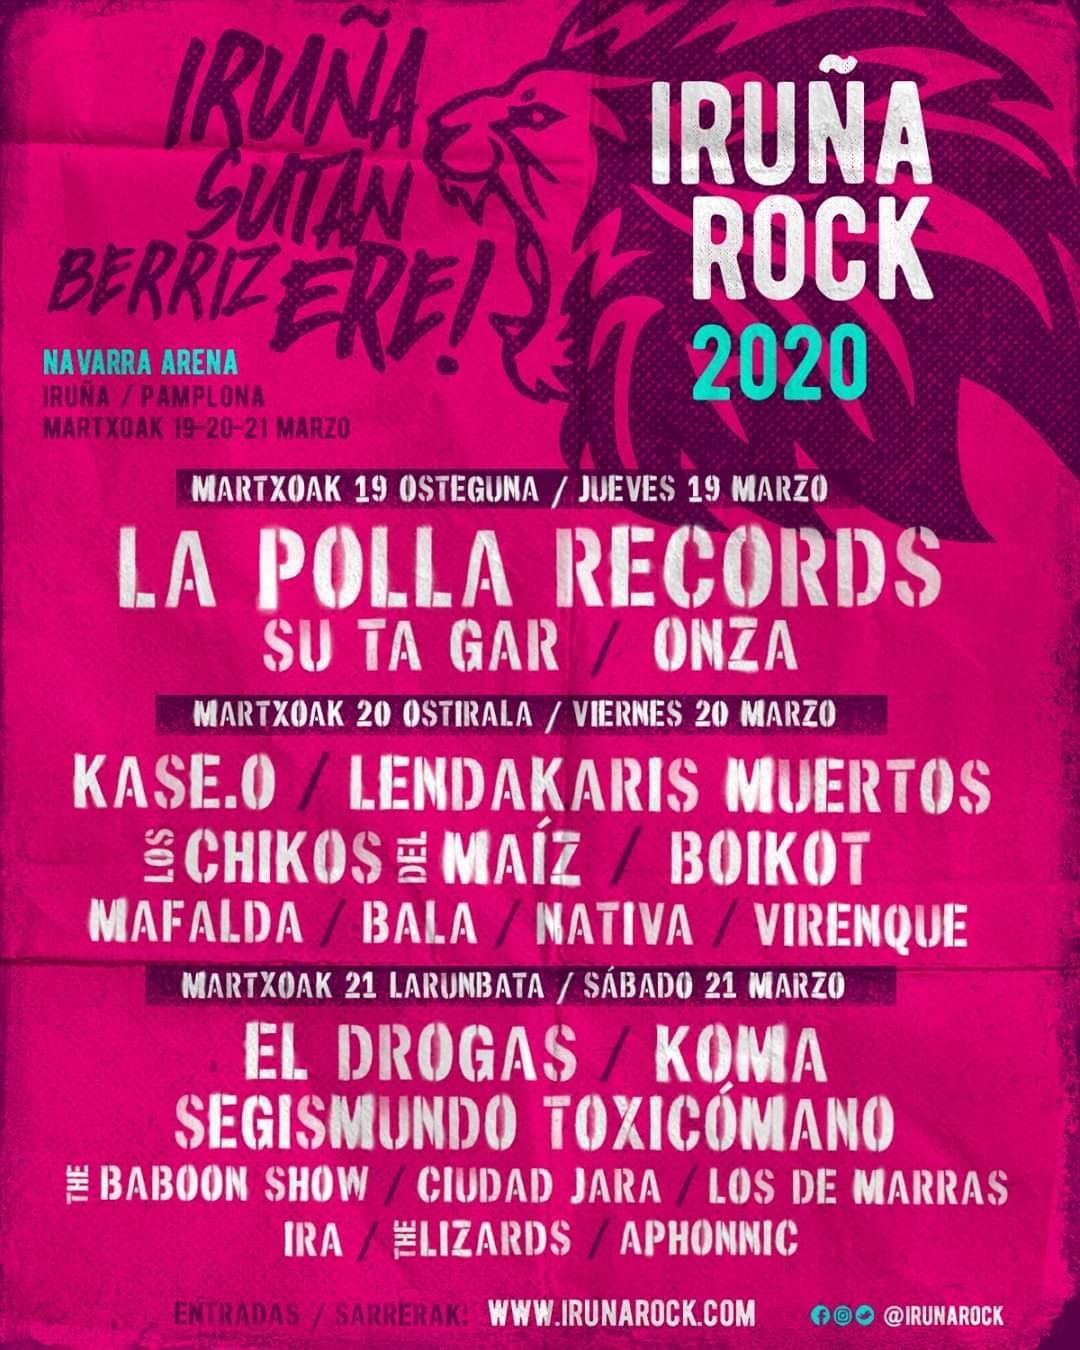 iruña rock 2020 dic2019